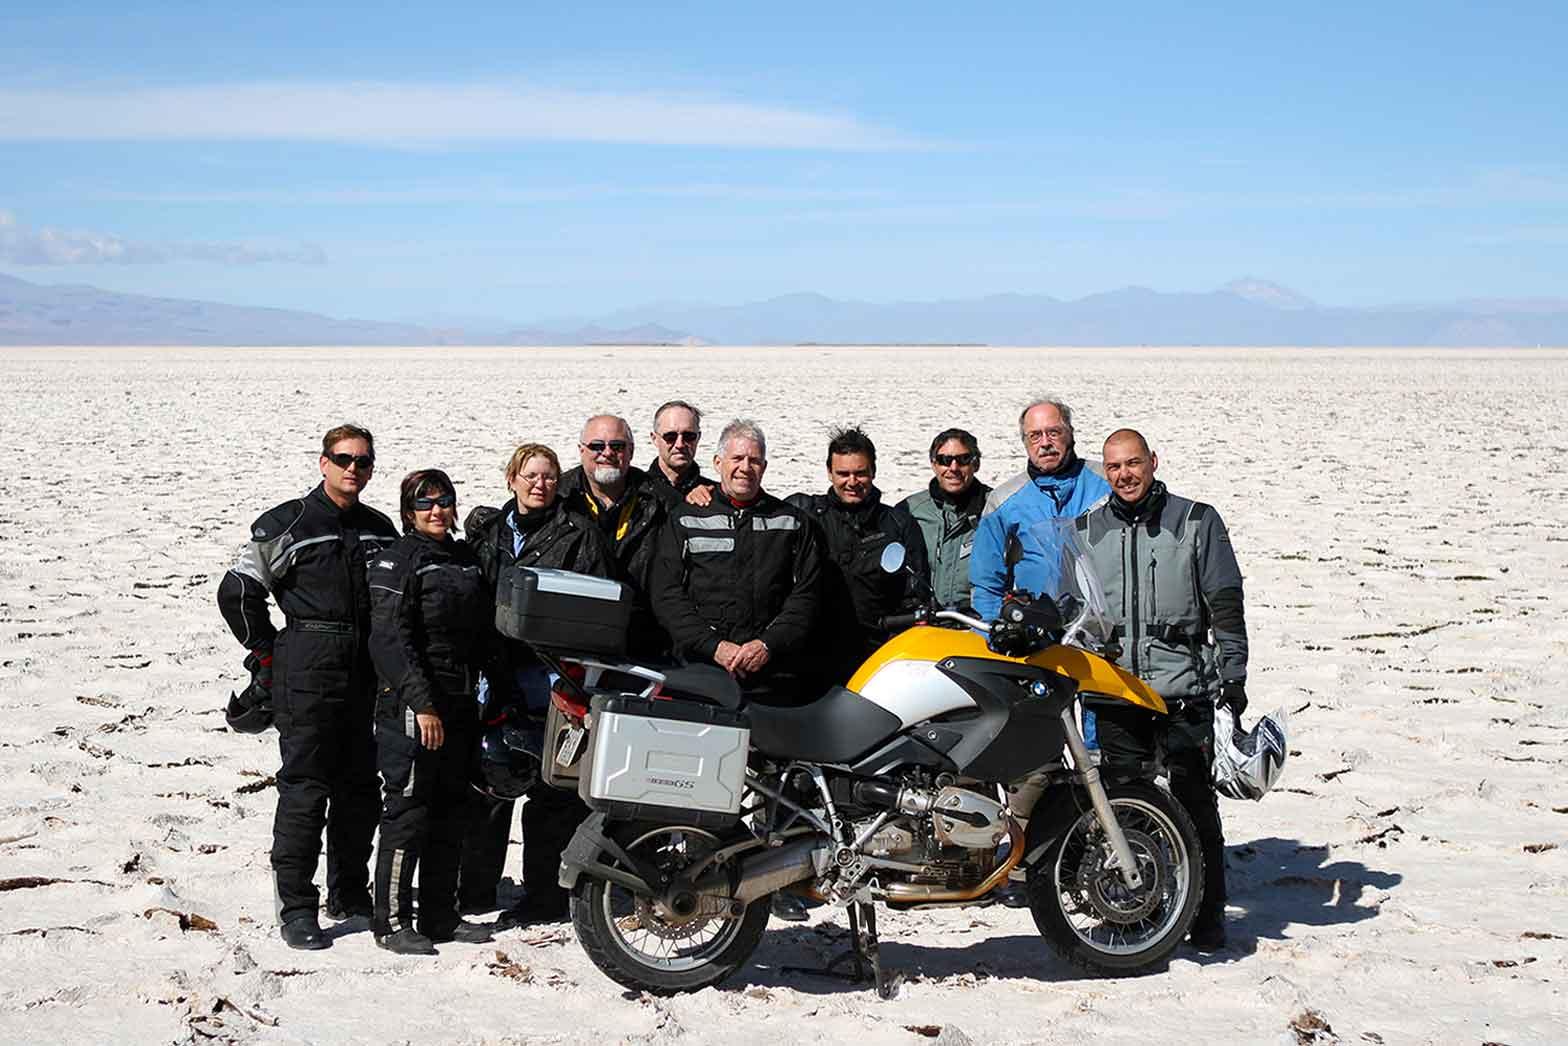 Salt flats of the Atacama Desert